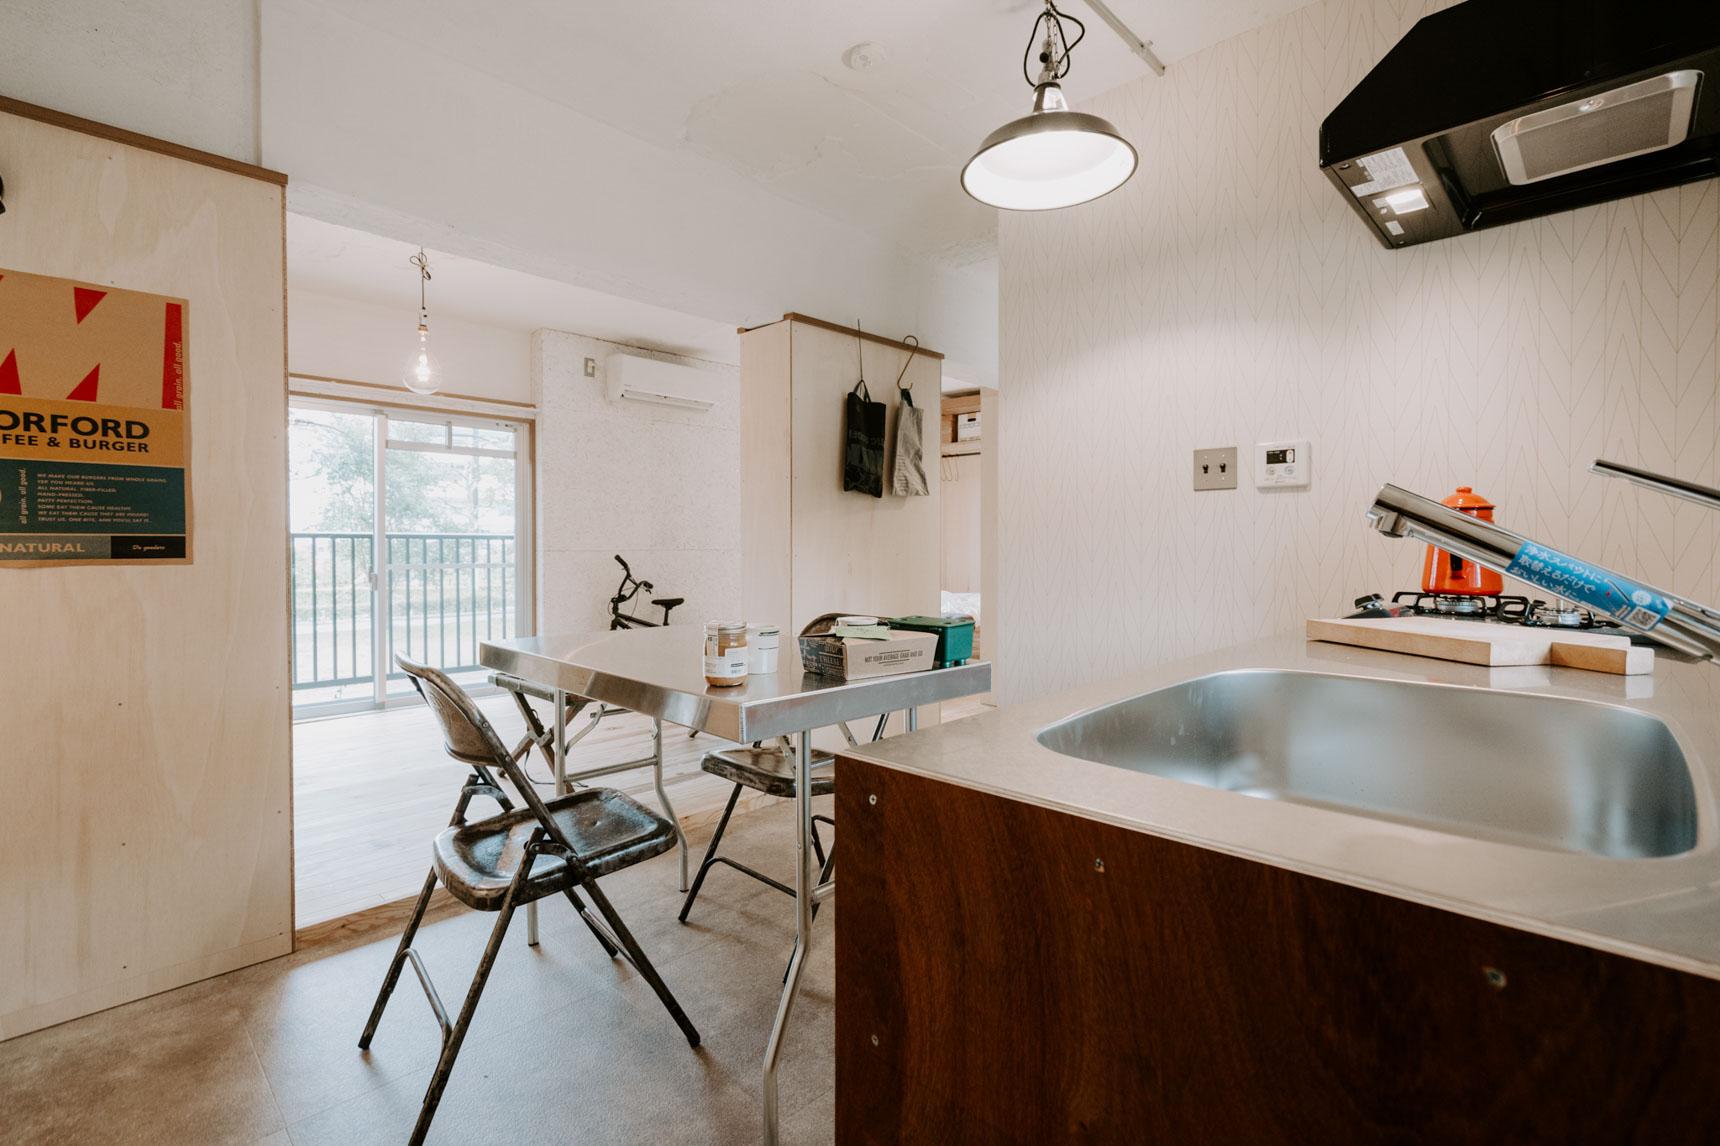 そして日当たりのいい南側には、無垢フローリングが敷かれた居心地の良い居室スペース。